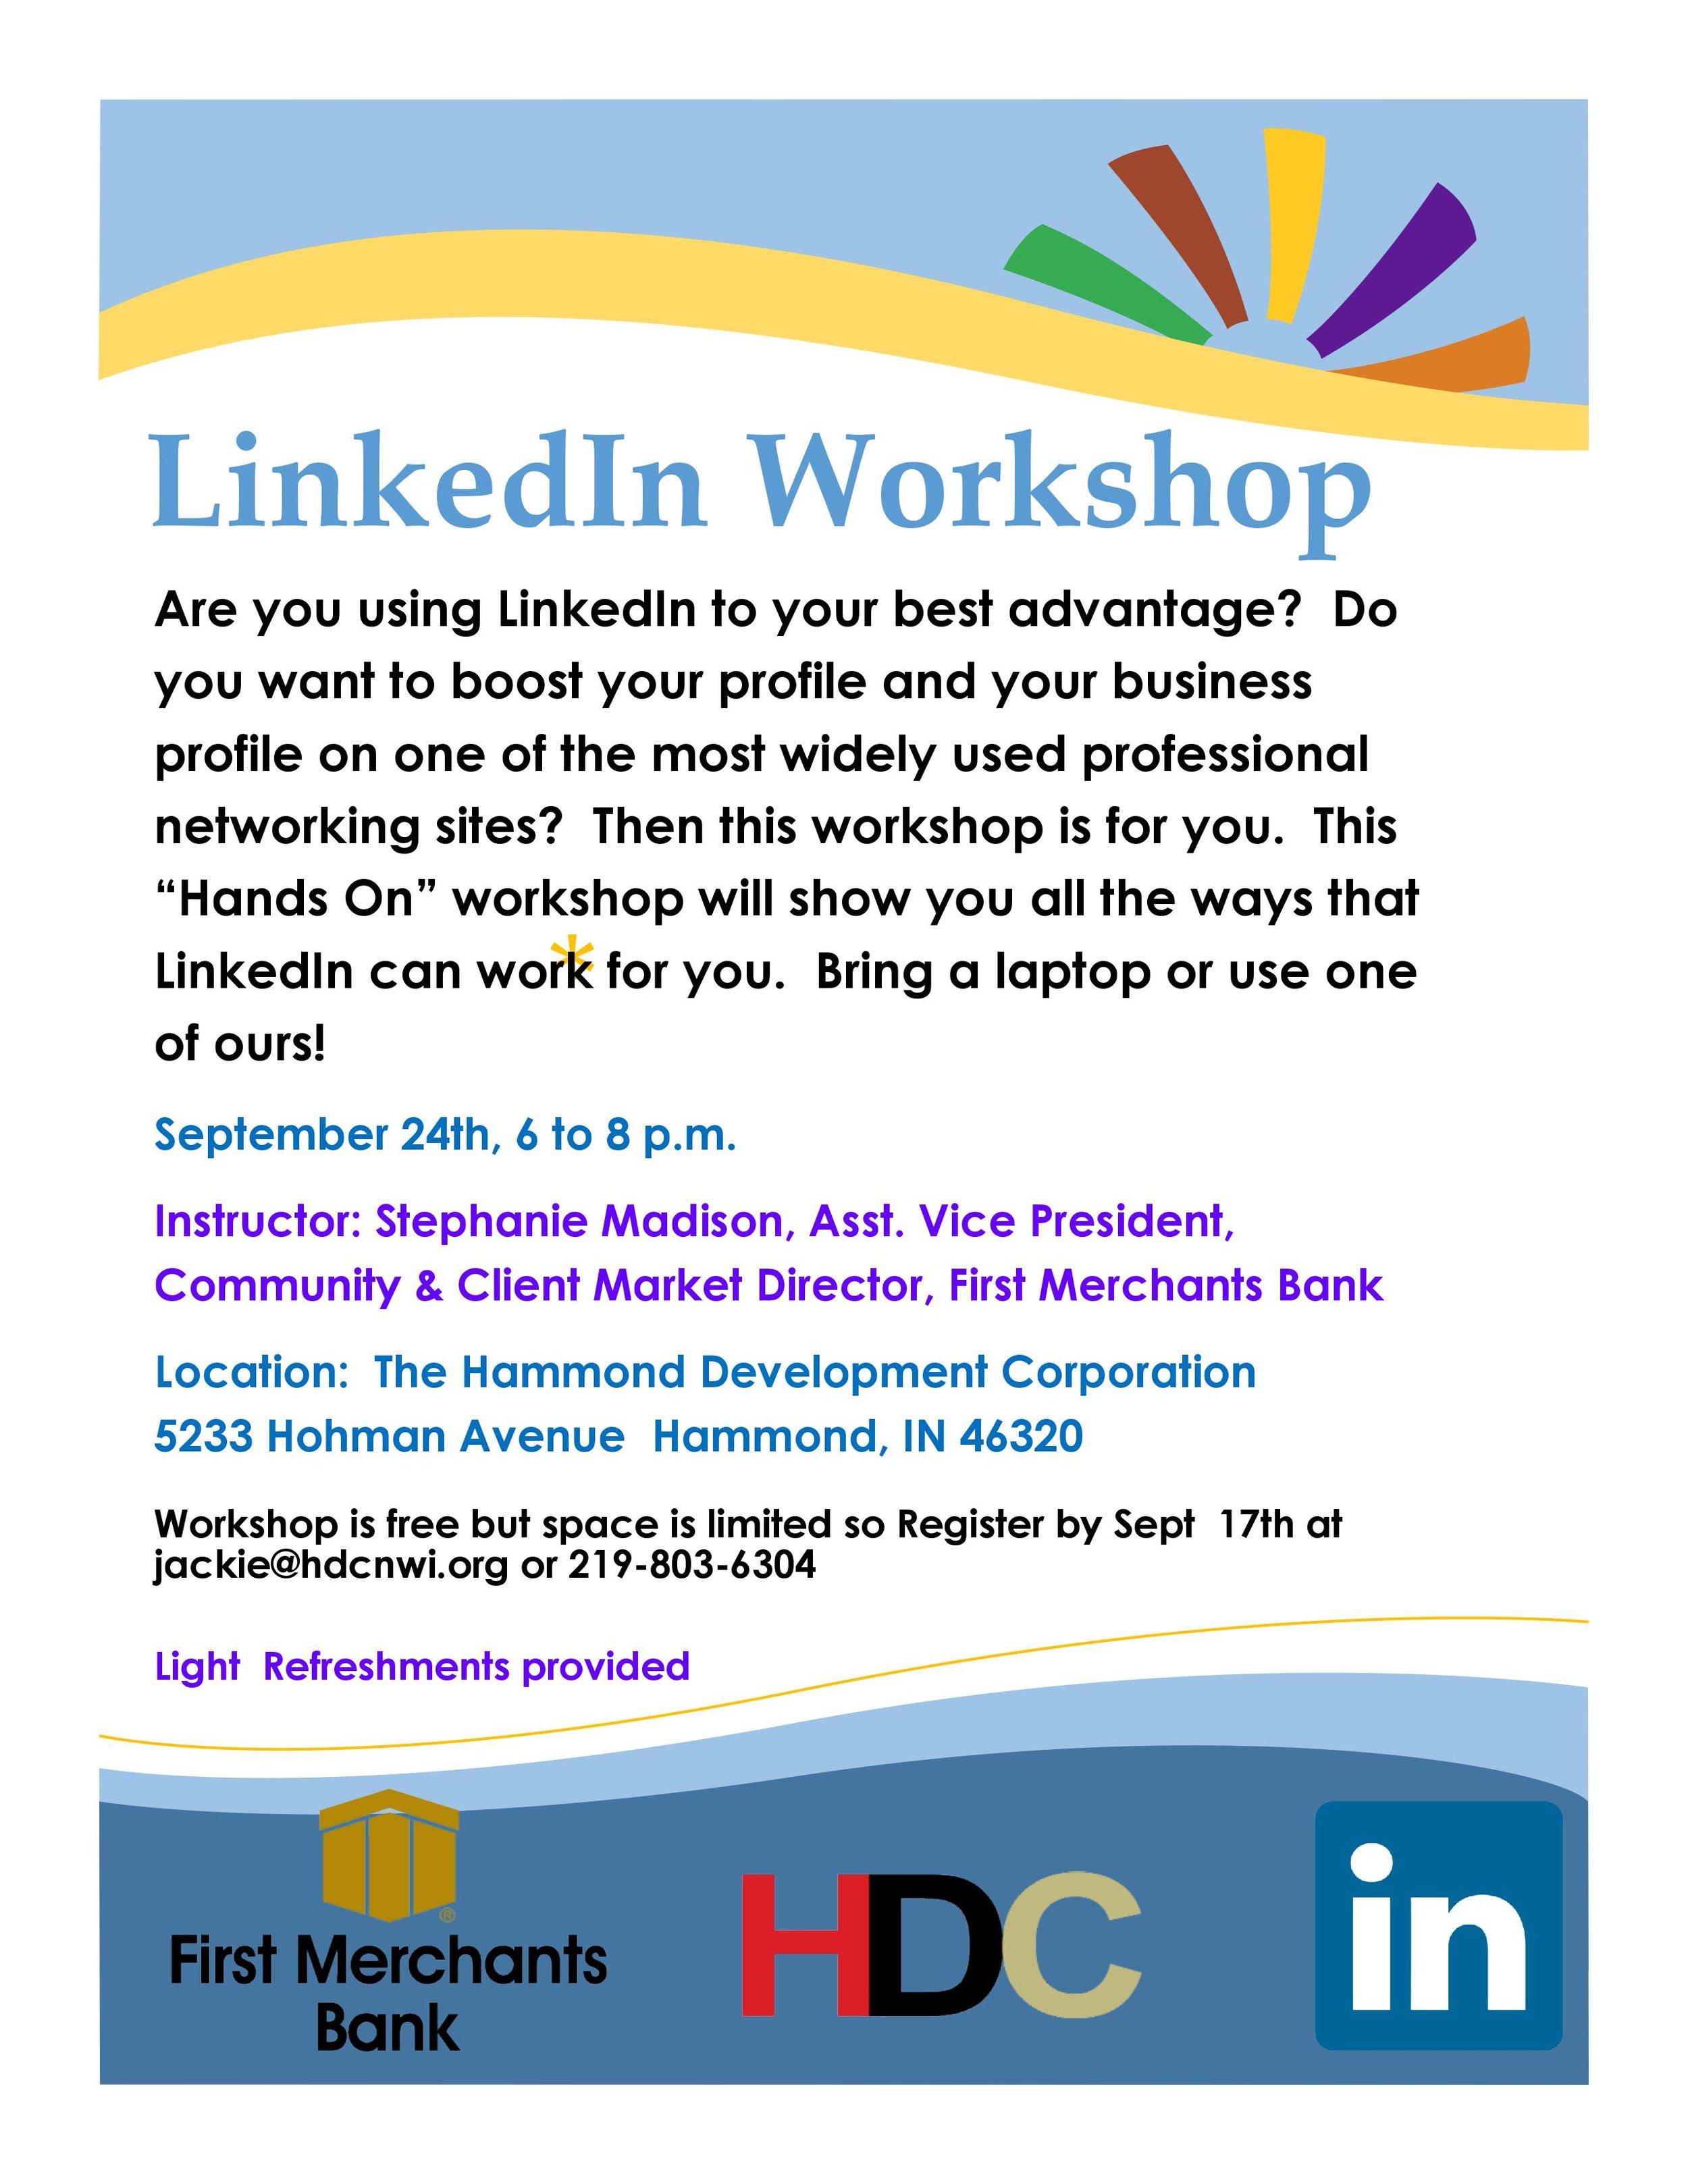 linked in workshop.jpg